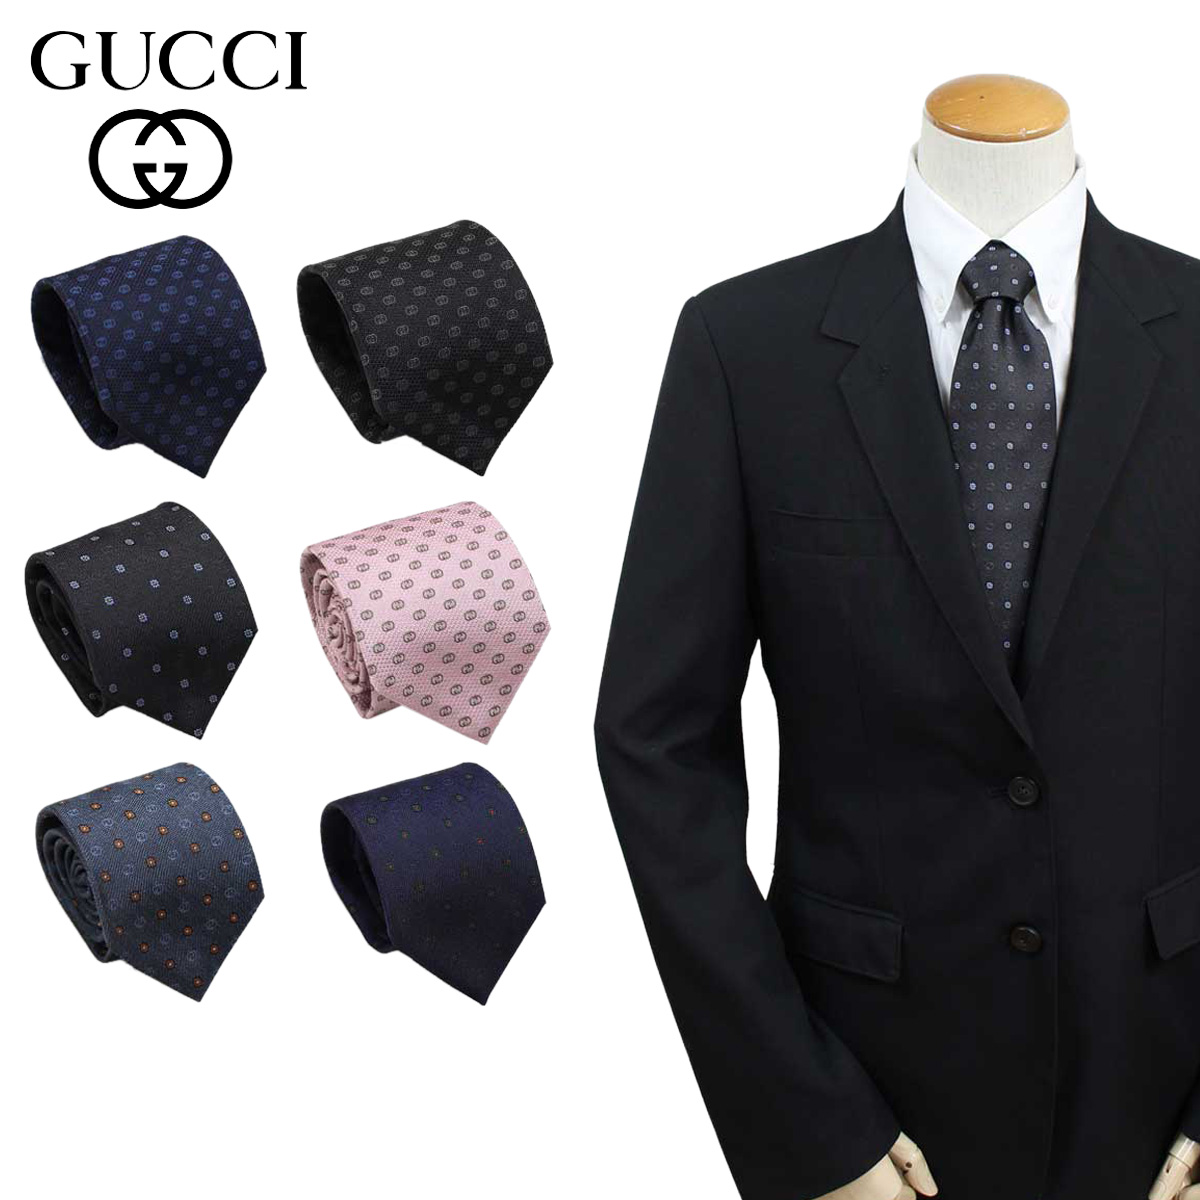 GUCCI グッチ ネクタイ イタリア製 シルク ビジネス 結婚式 TIE メンズ